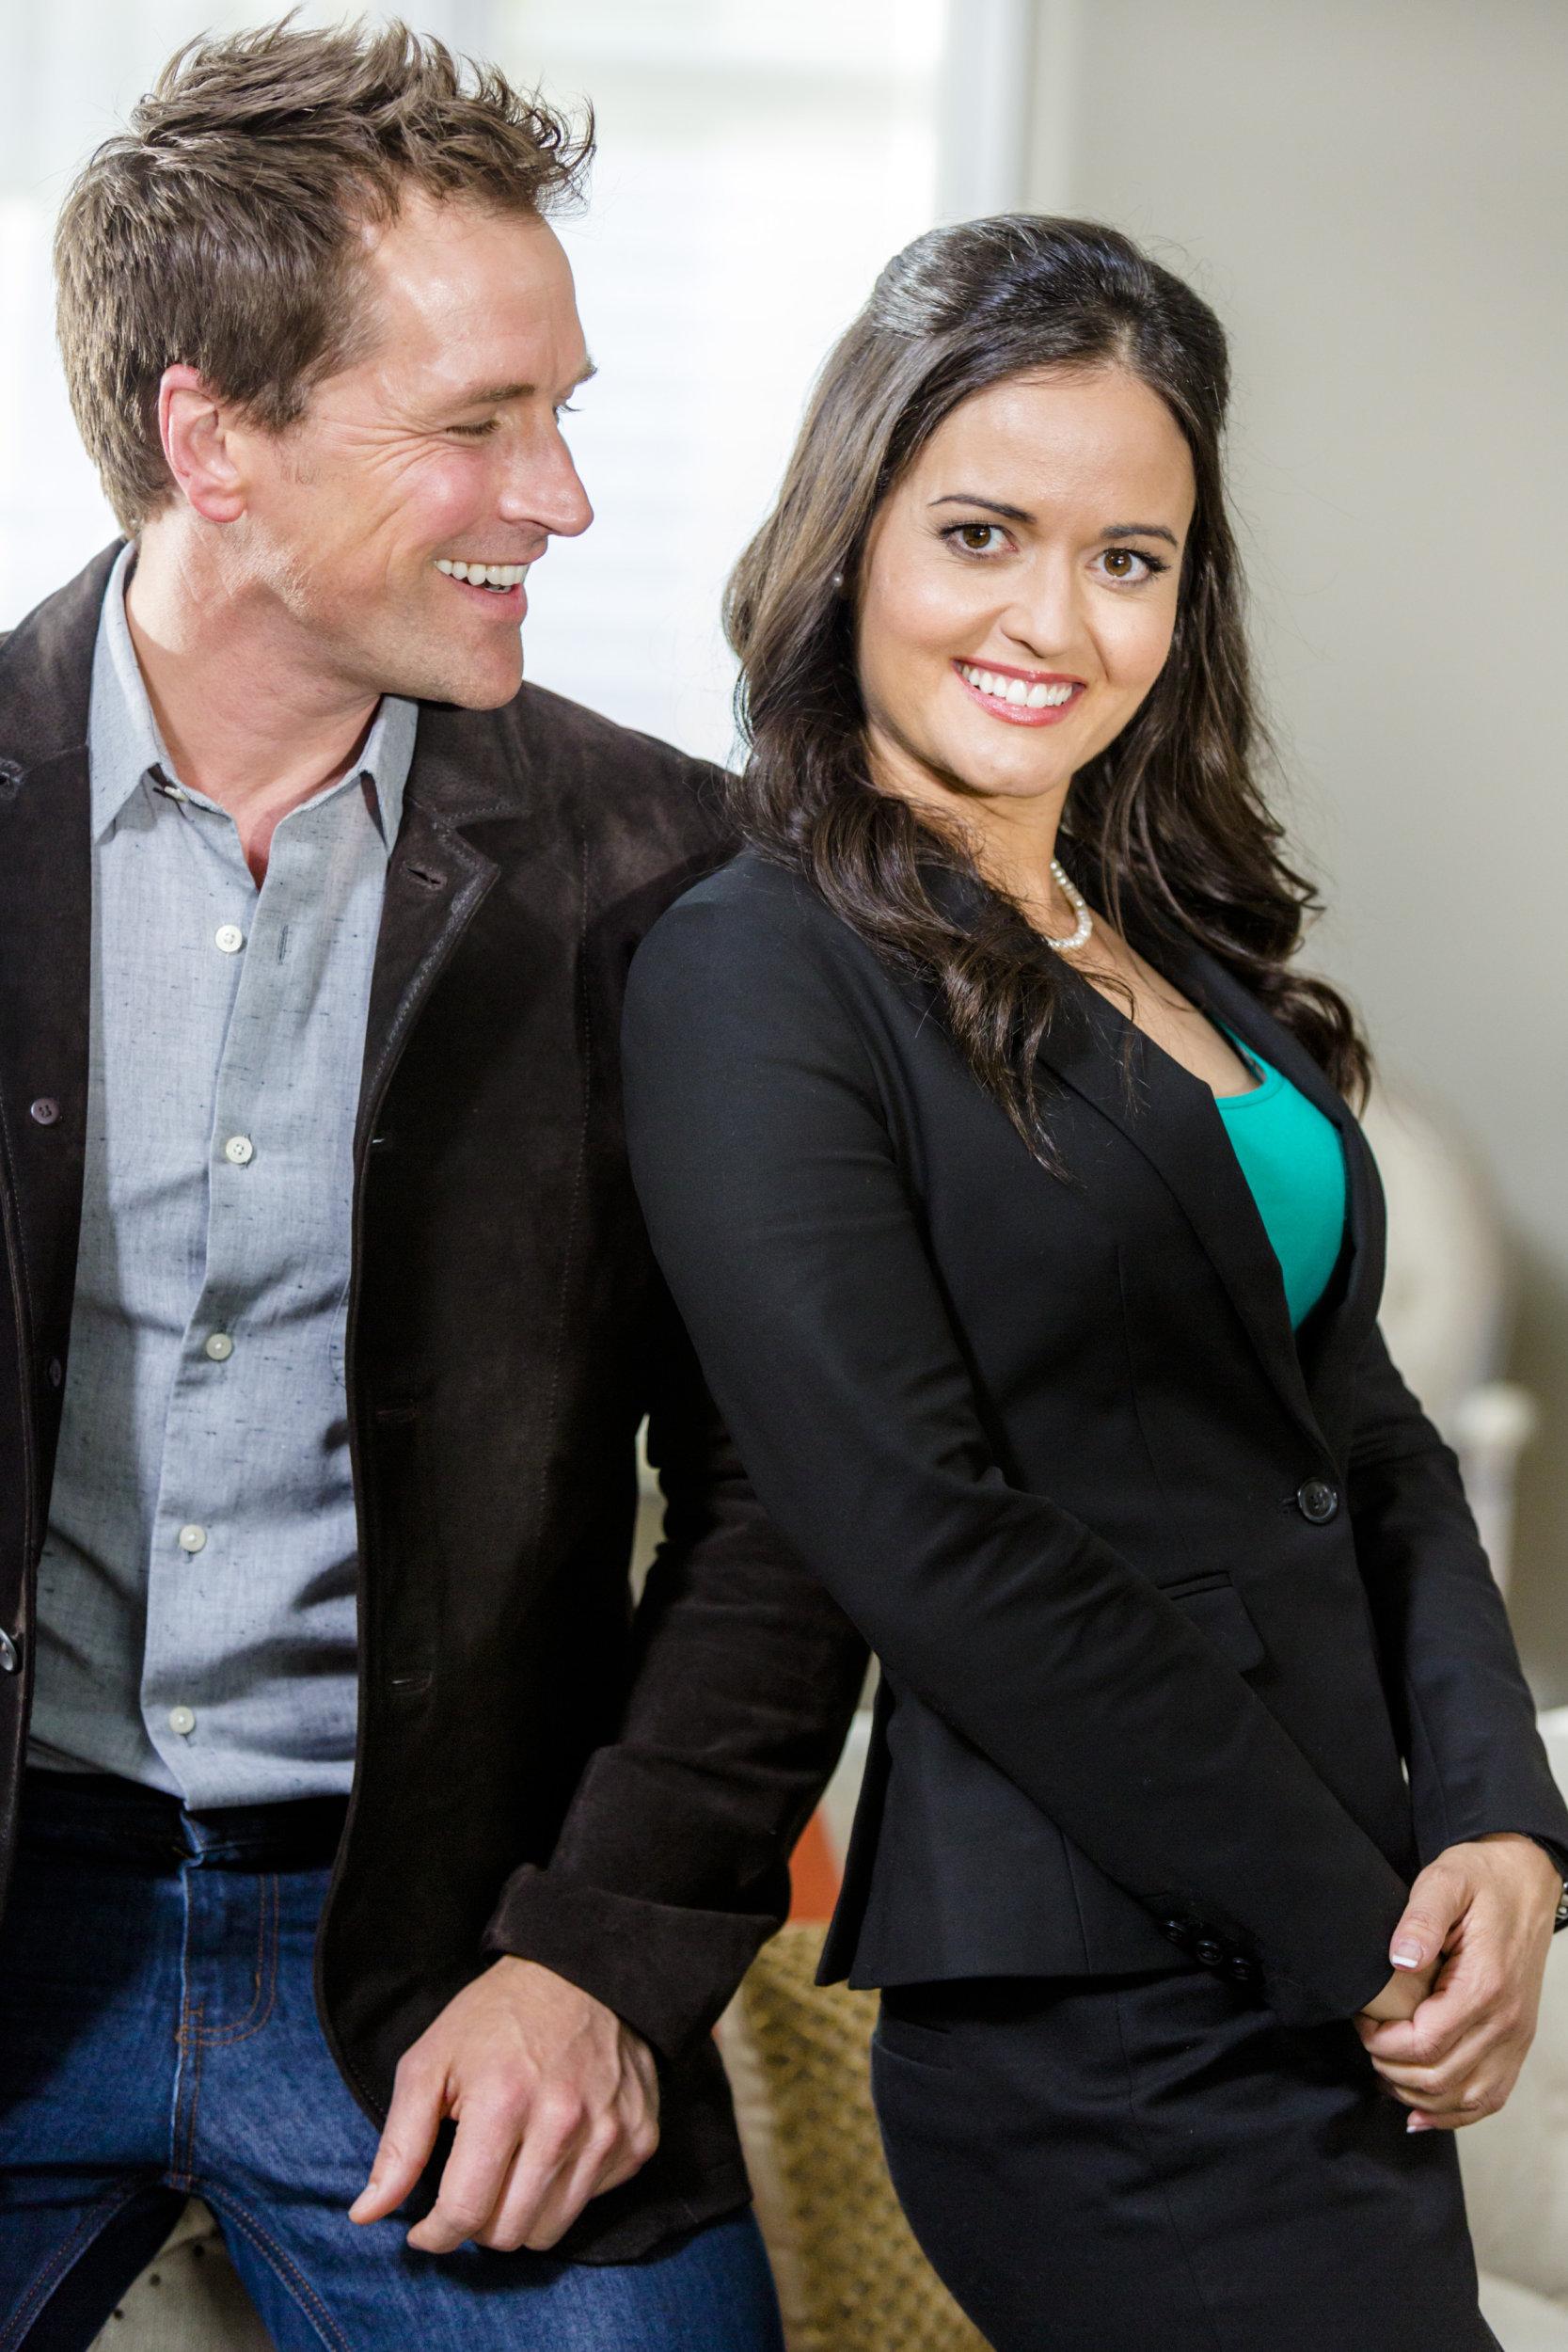 Wedding Planner Movie | Perfect Match About The Movie Hallmark Channel